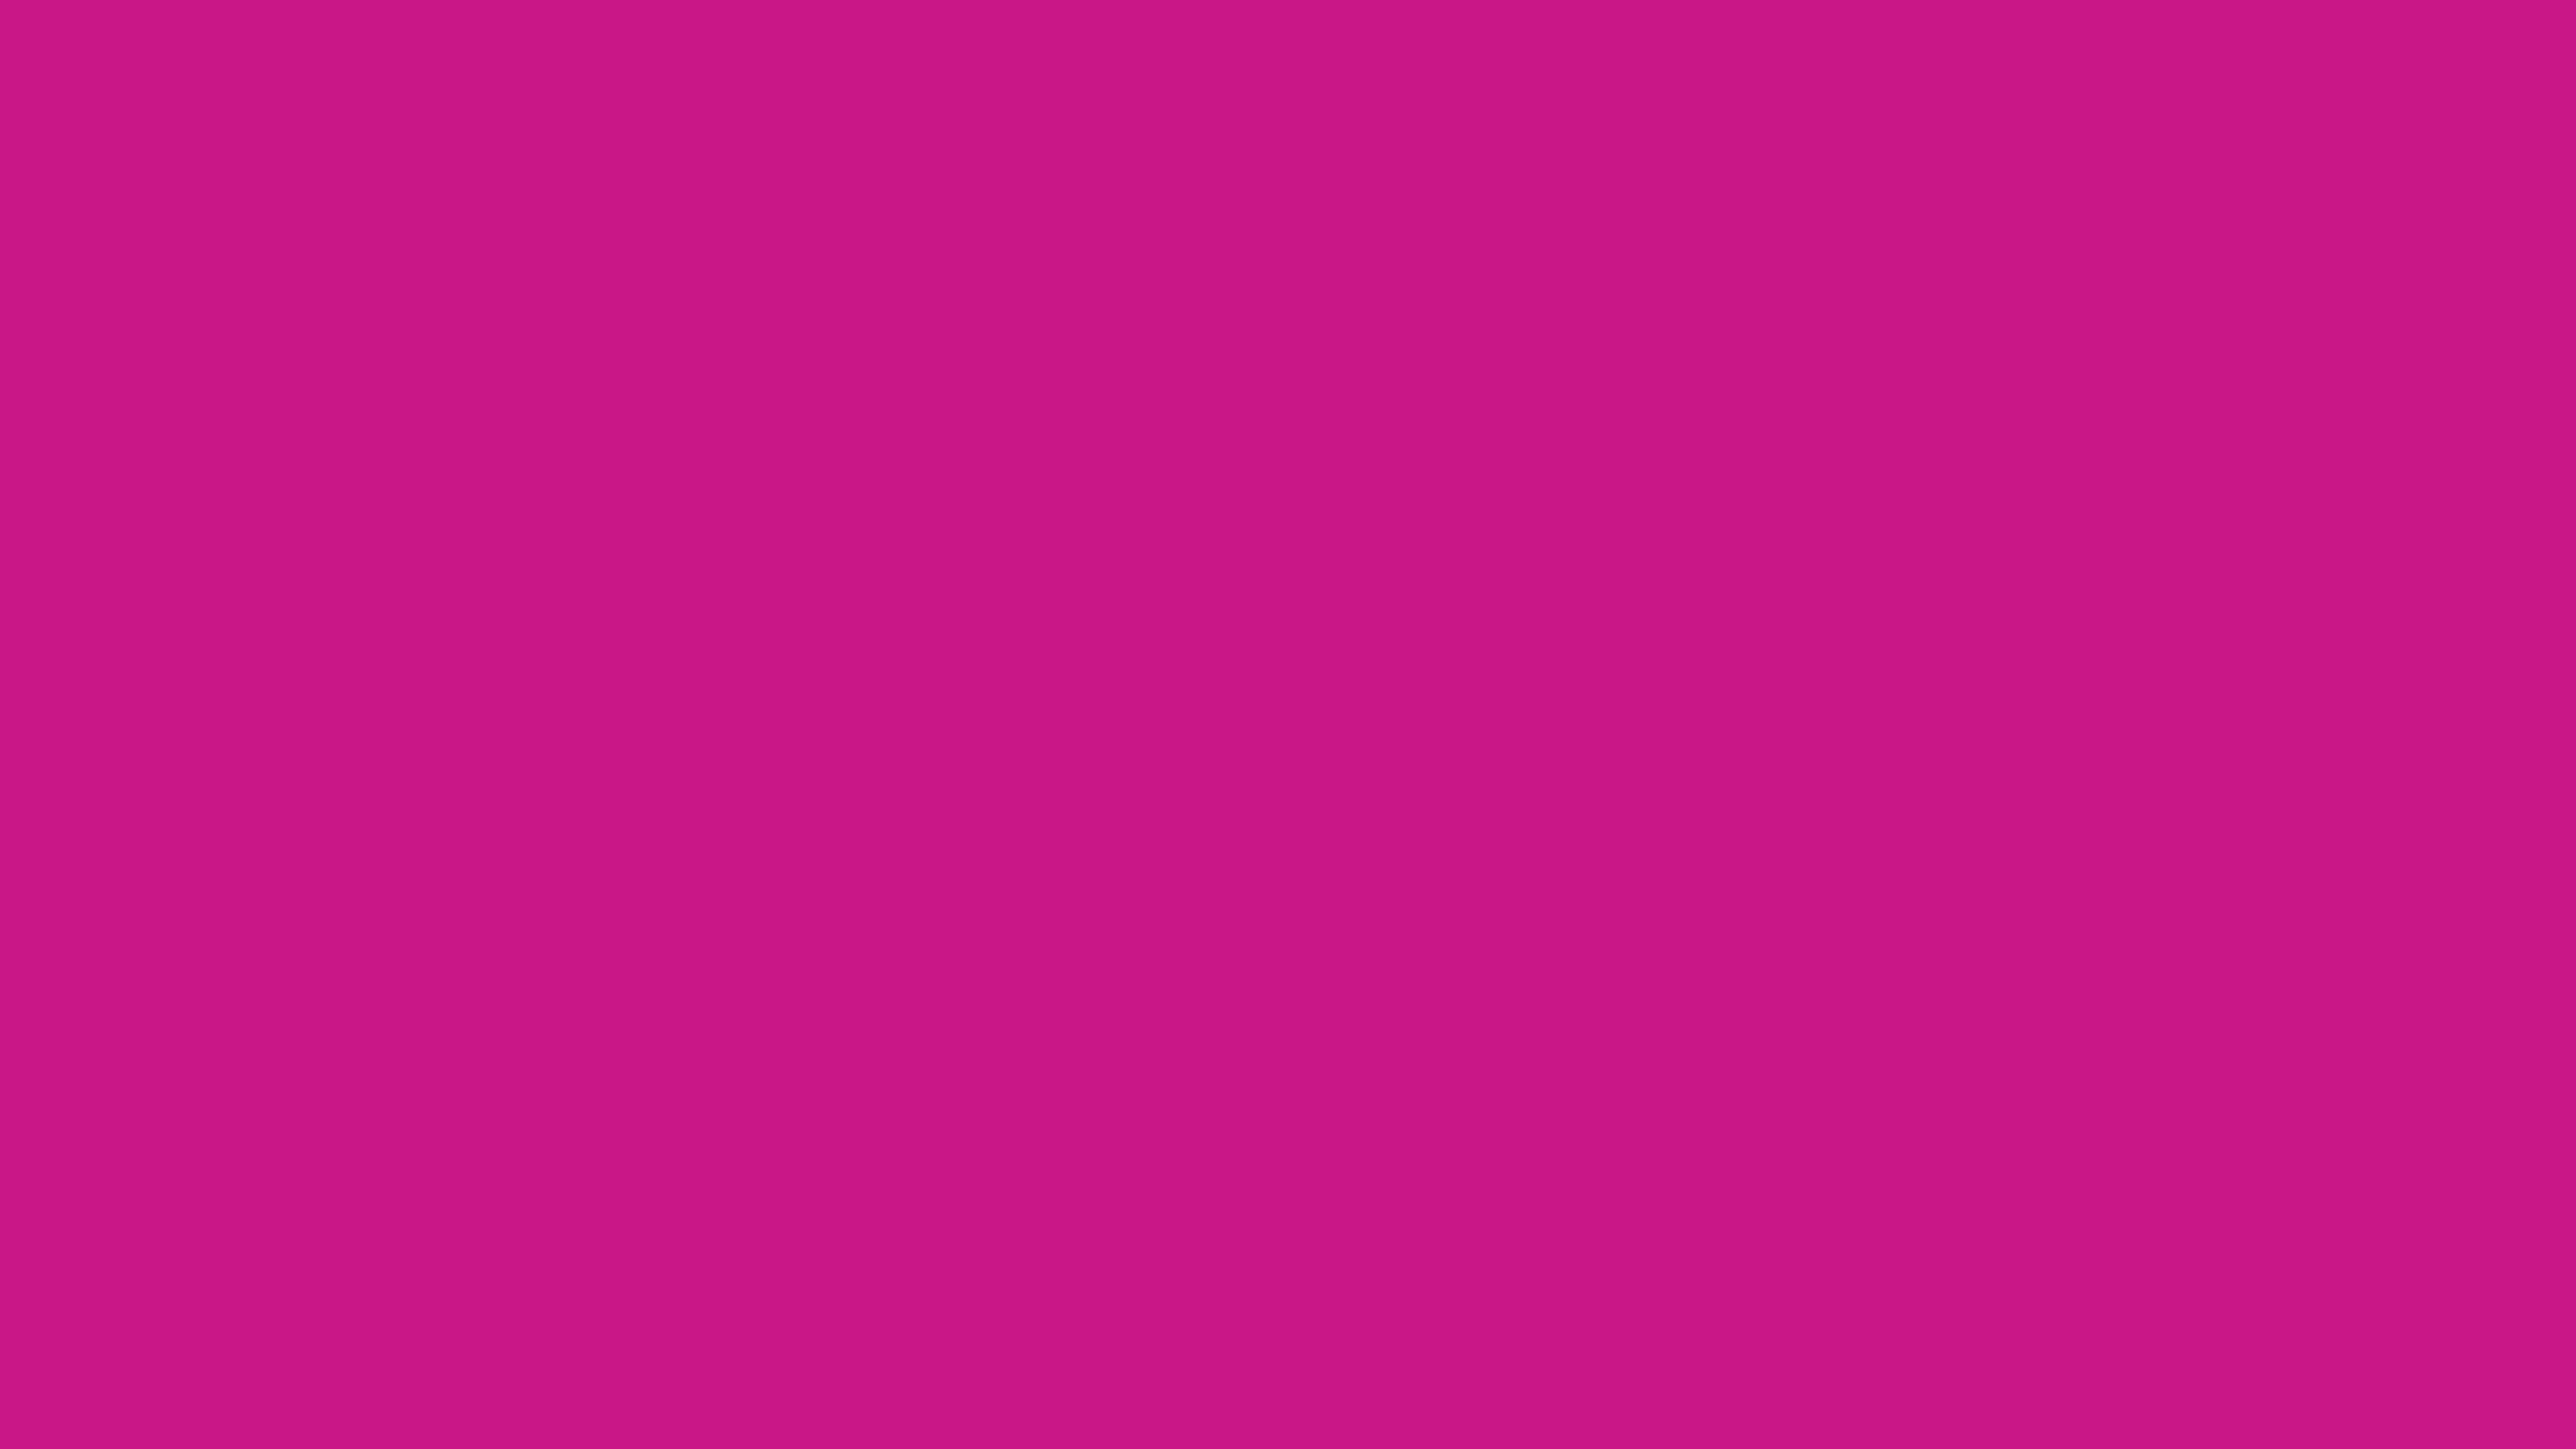 5120x2880 Red-violet Solid Color Background